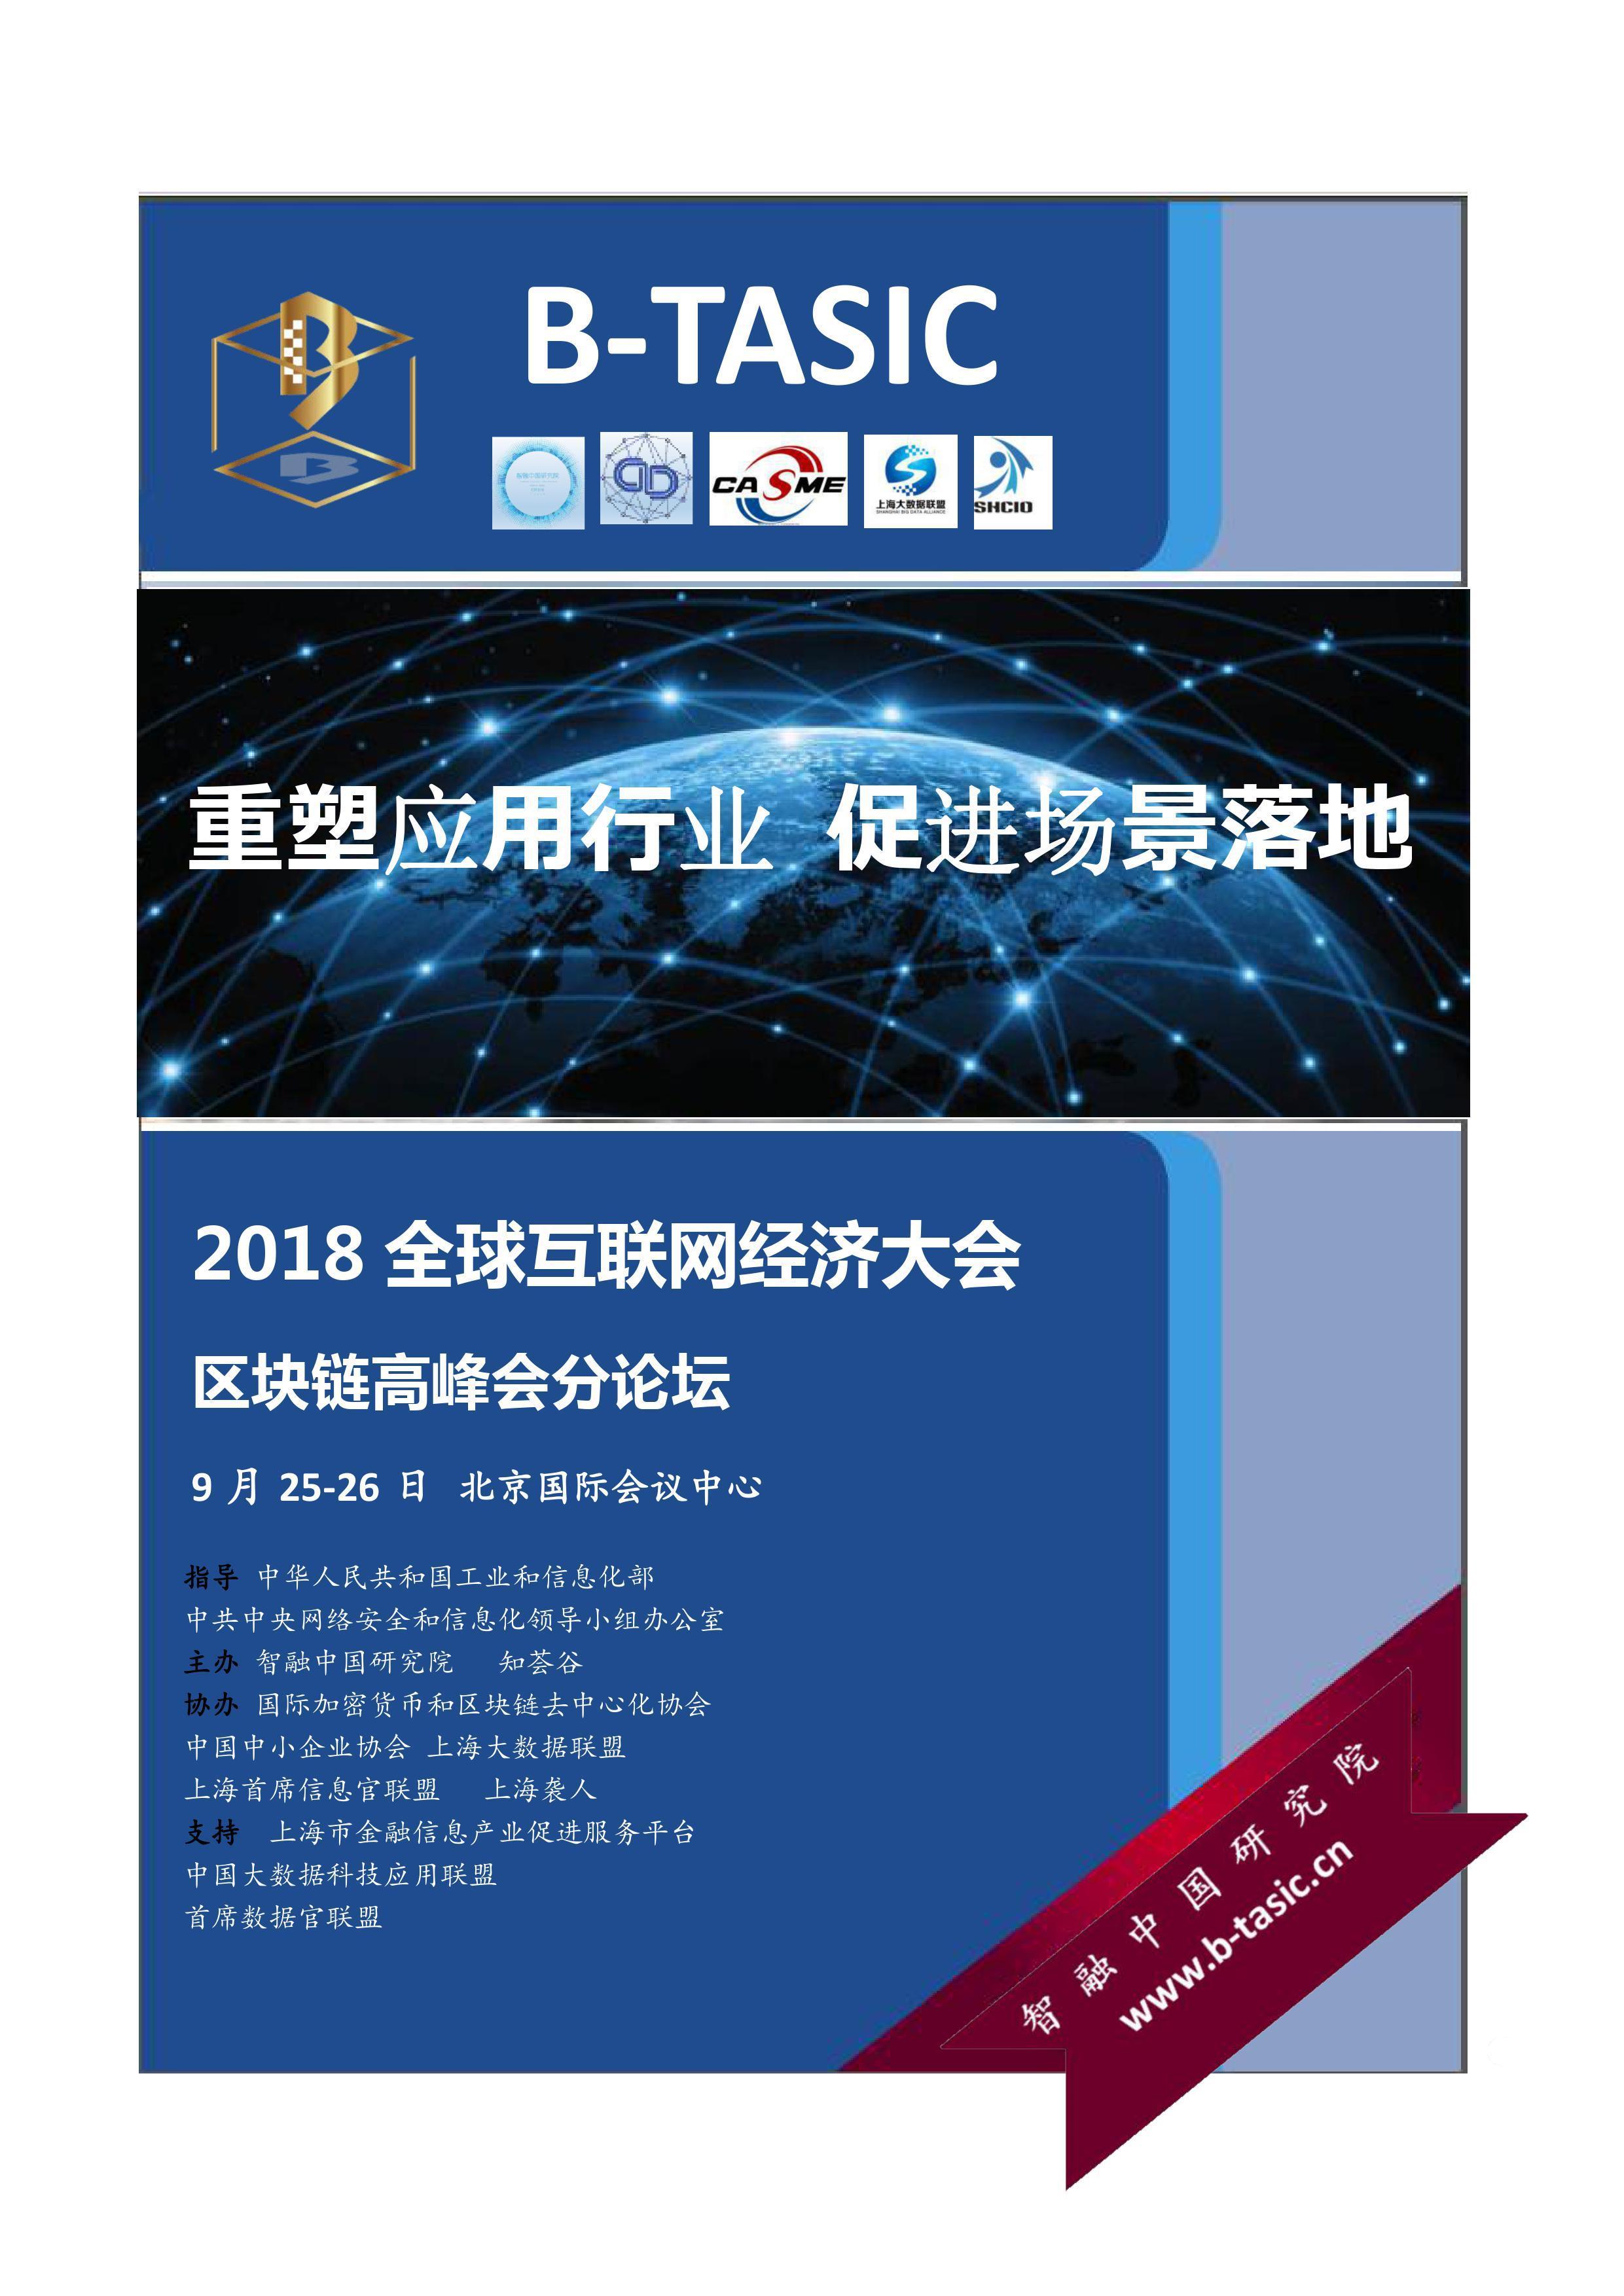 2018区块链技术与场景落地峰会